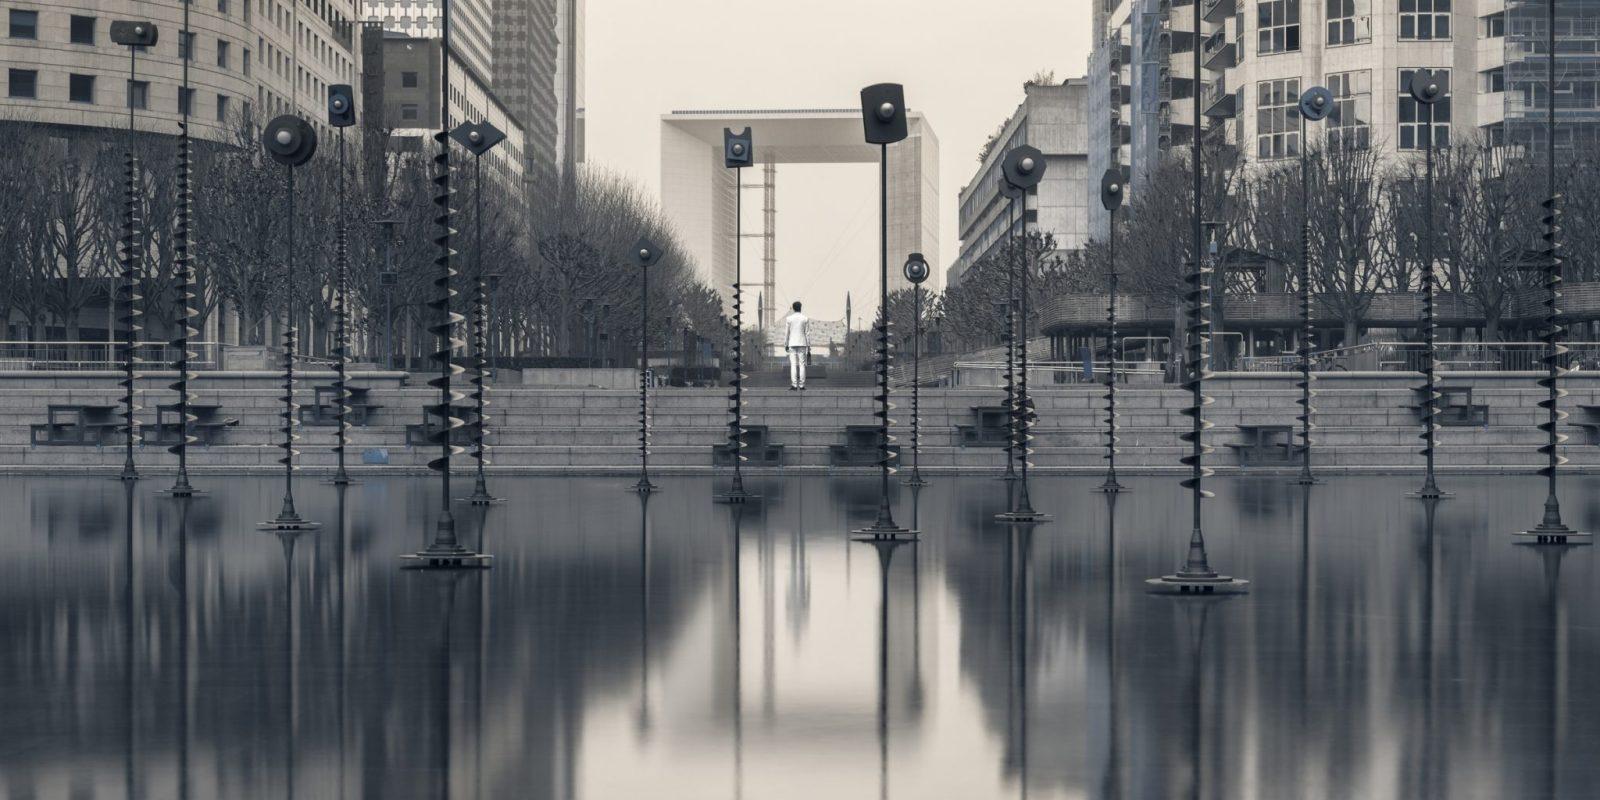 Jeune homme en costume perdu dans un environnment urbain. Photographie en ultraviolet issue de la série Echo Urbain et réalisée par le photographe Pierre-Louis Ferrer, spécialiste en photographie dans l'ultraviolet et l'infrarouge.